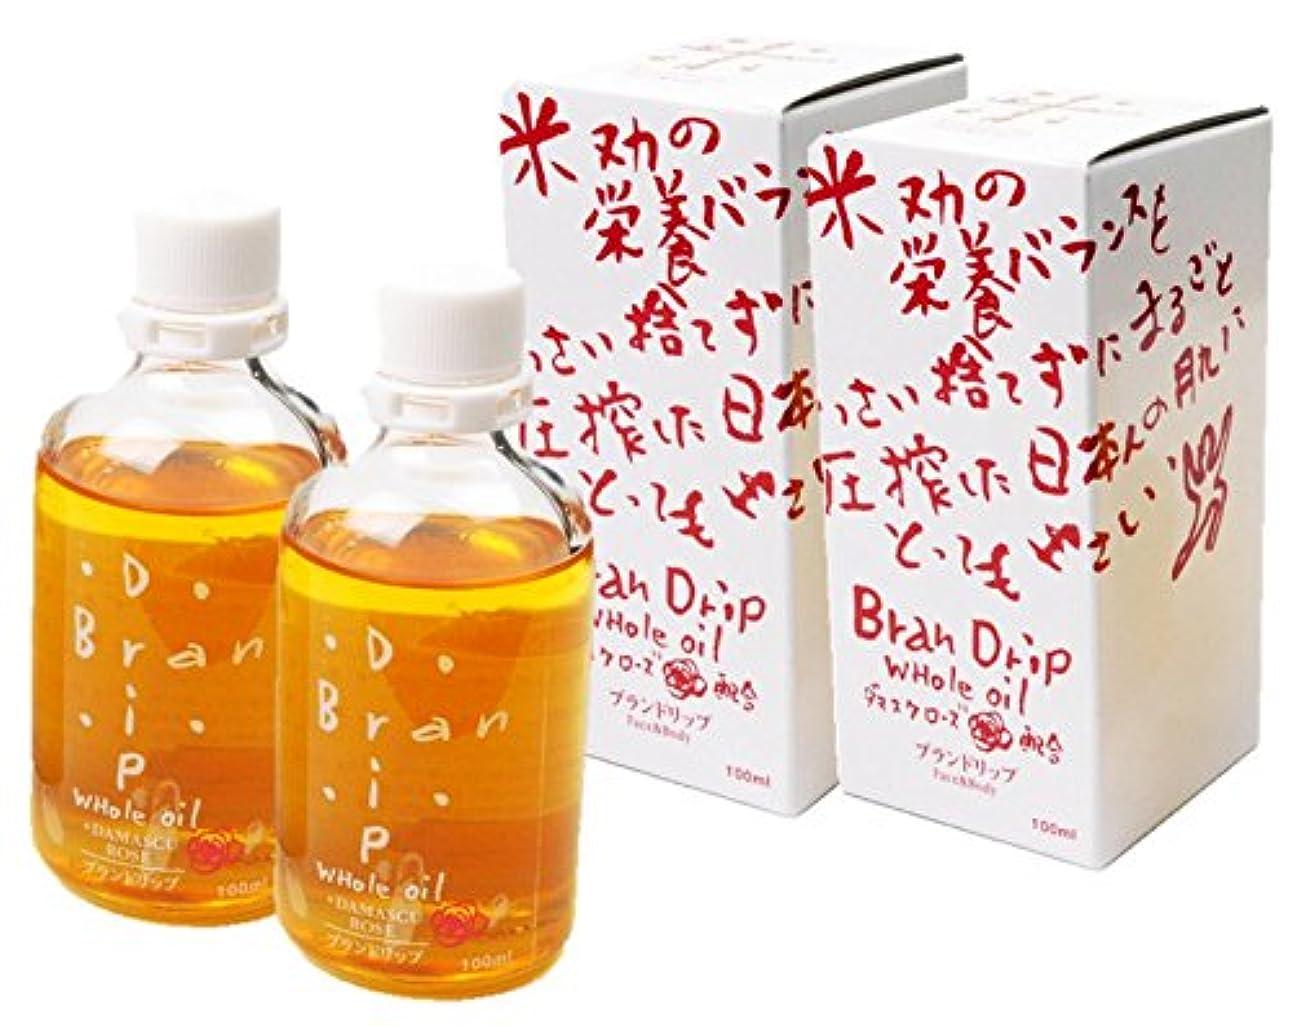 けがをする破壊的ファンブル【2本セット】 ブランドリップ BranDrip 食べても安心、米ぬかホールスキンオイル